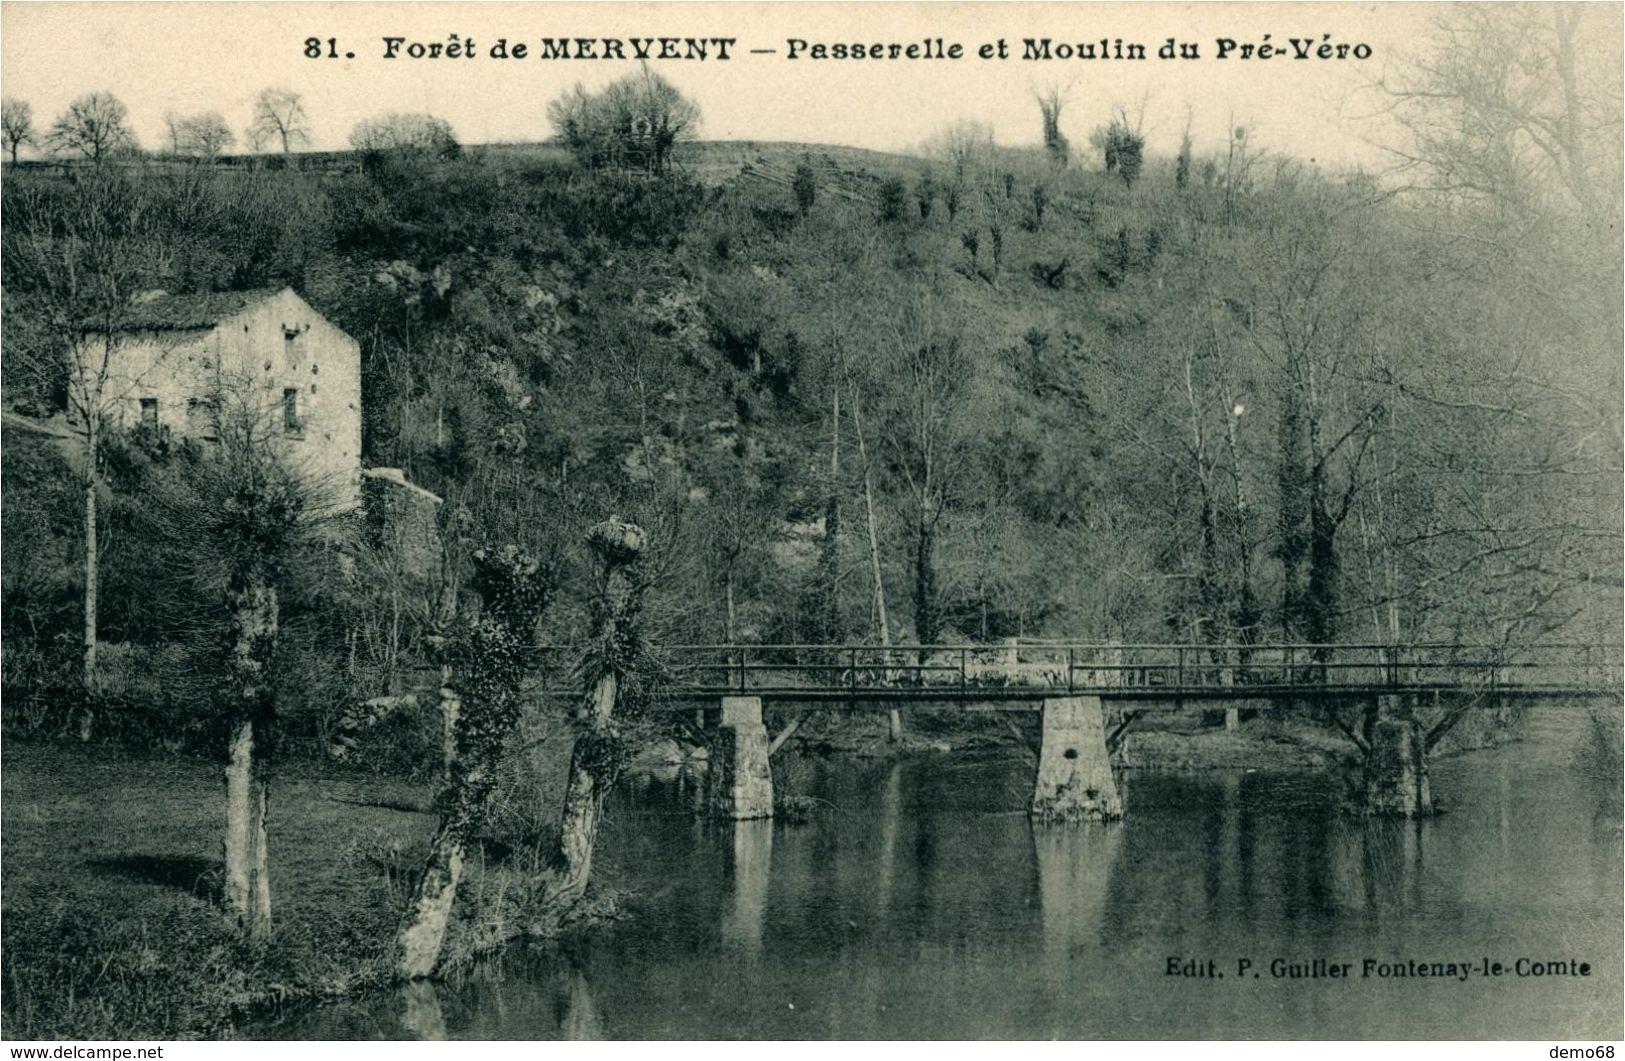 MERVENT Forêt De .. Passerelle Et Moulin Du Pré-Véro - France